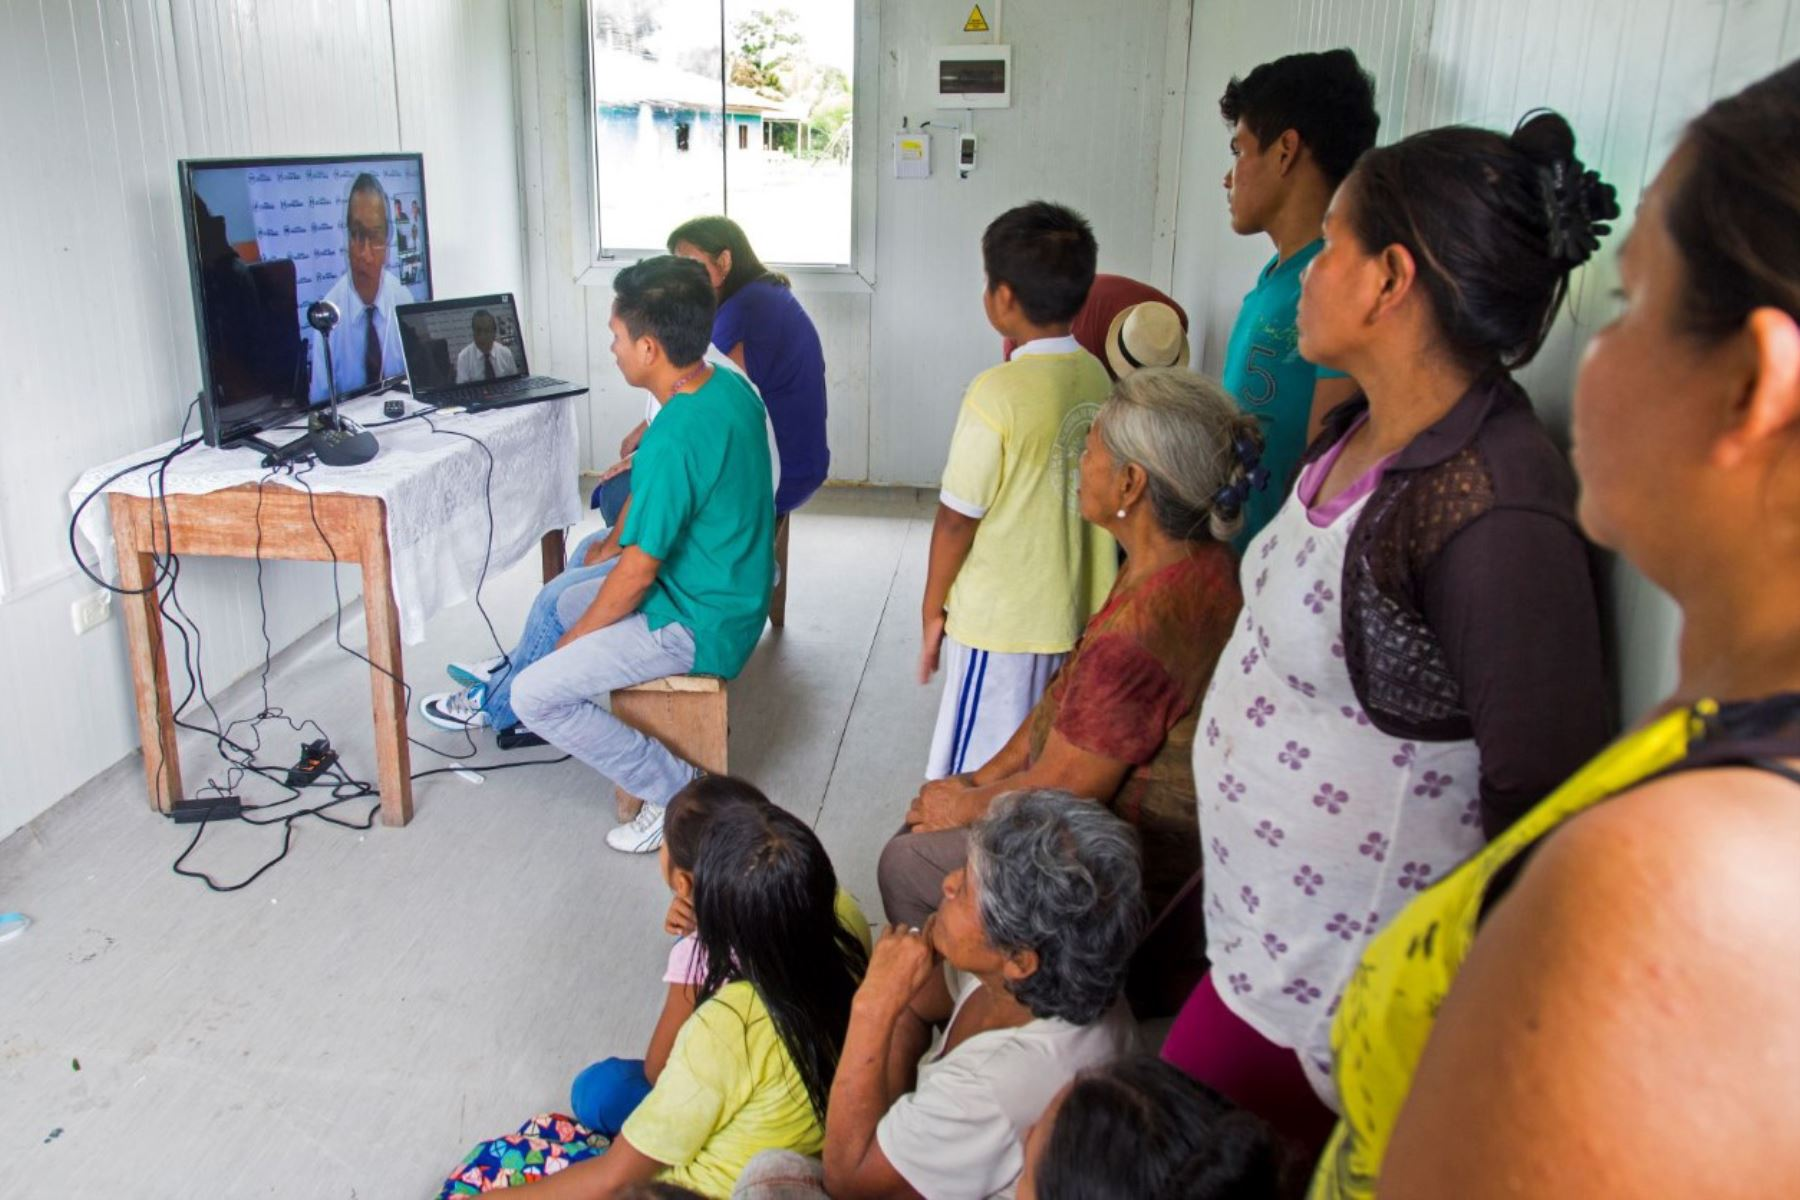 La Telemedicina permite llegar a comunidades nativas alejadas, destacó la ministra de Salud, Zulema Tomás.